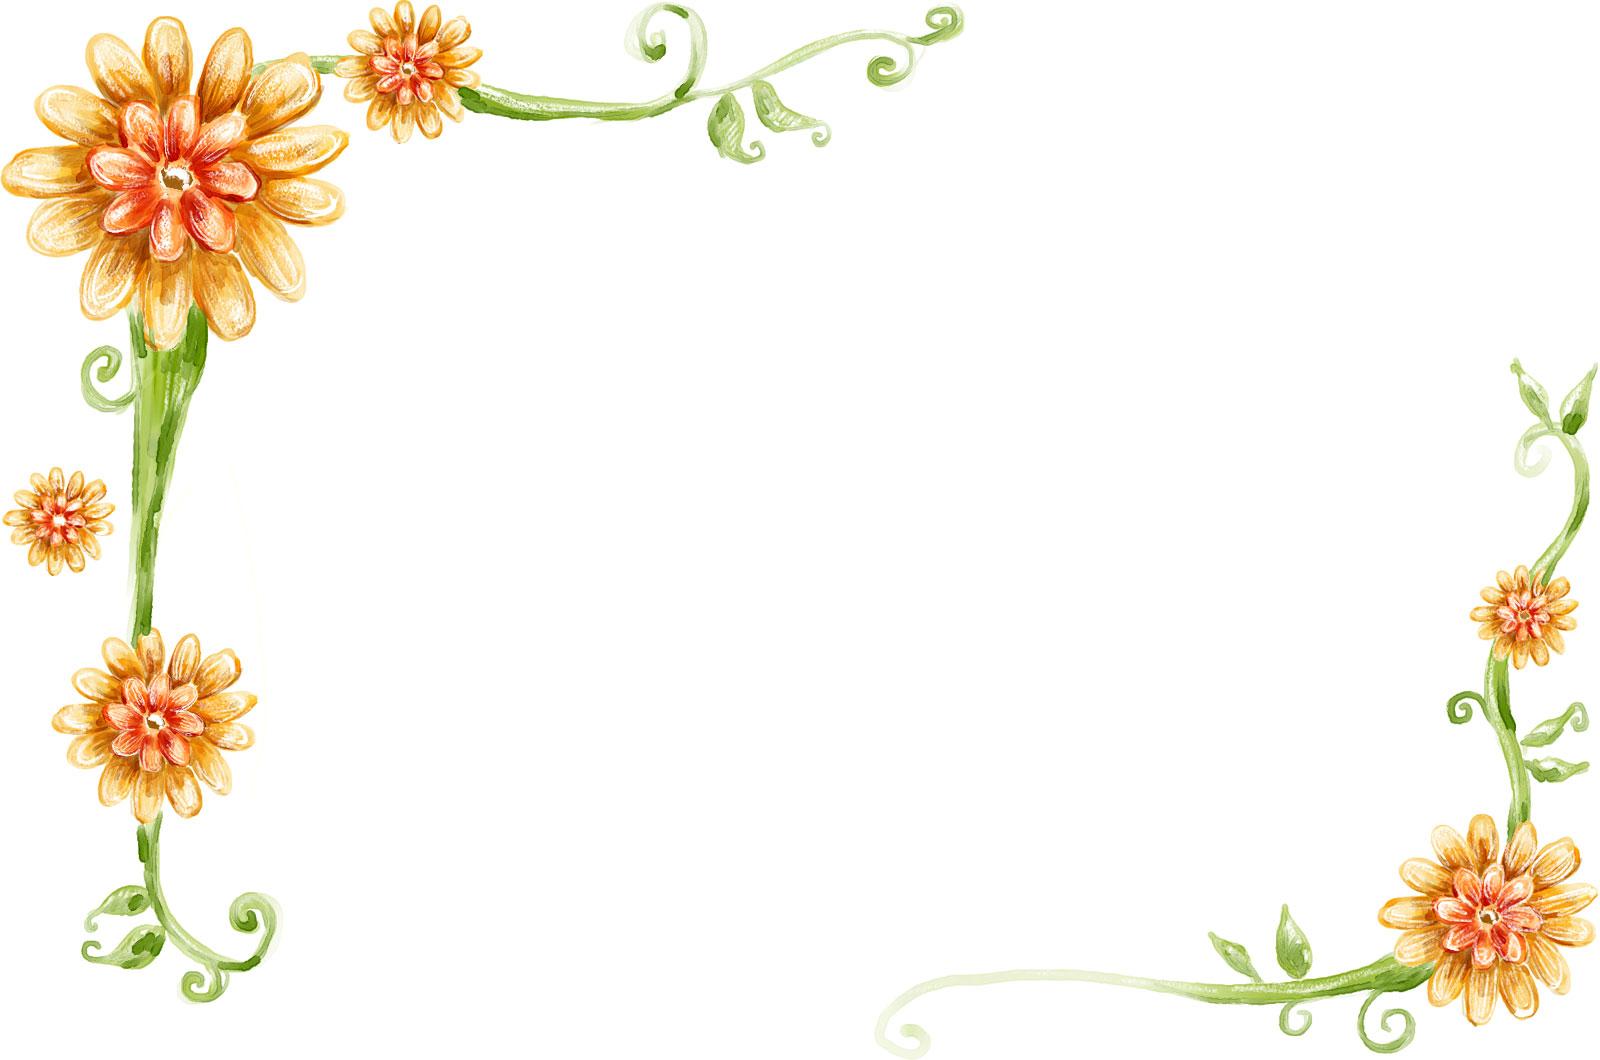 花のイラスト・フリー素材/フレーム枠no.397『手書き風-背景なし』